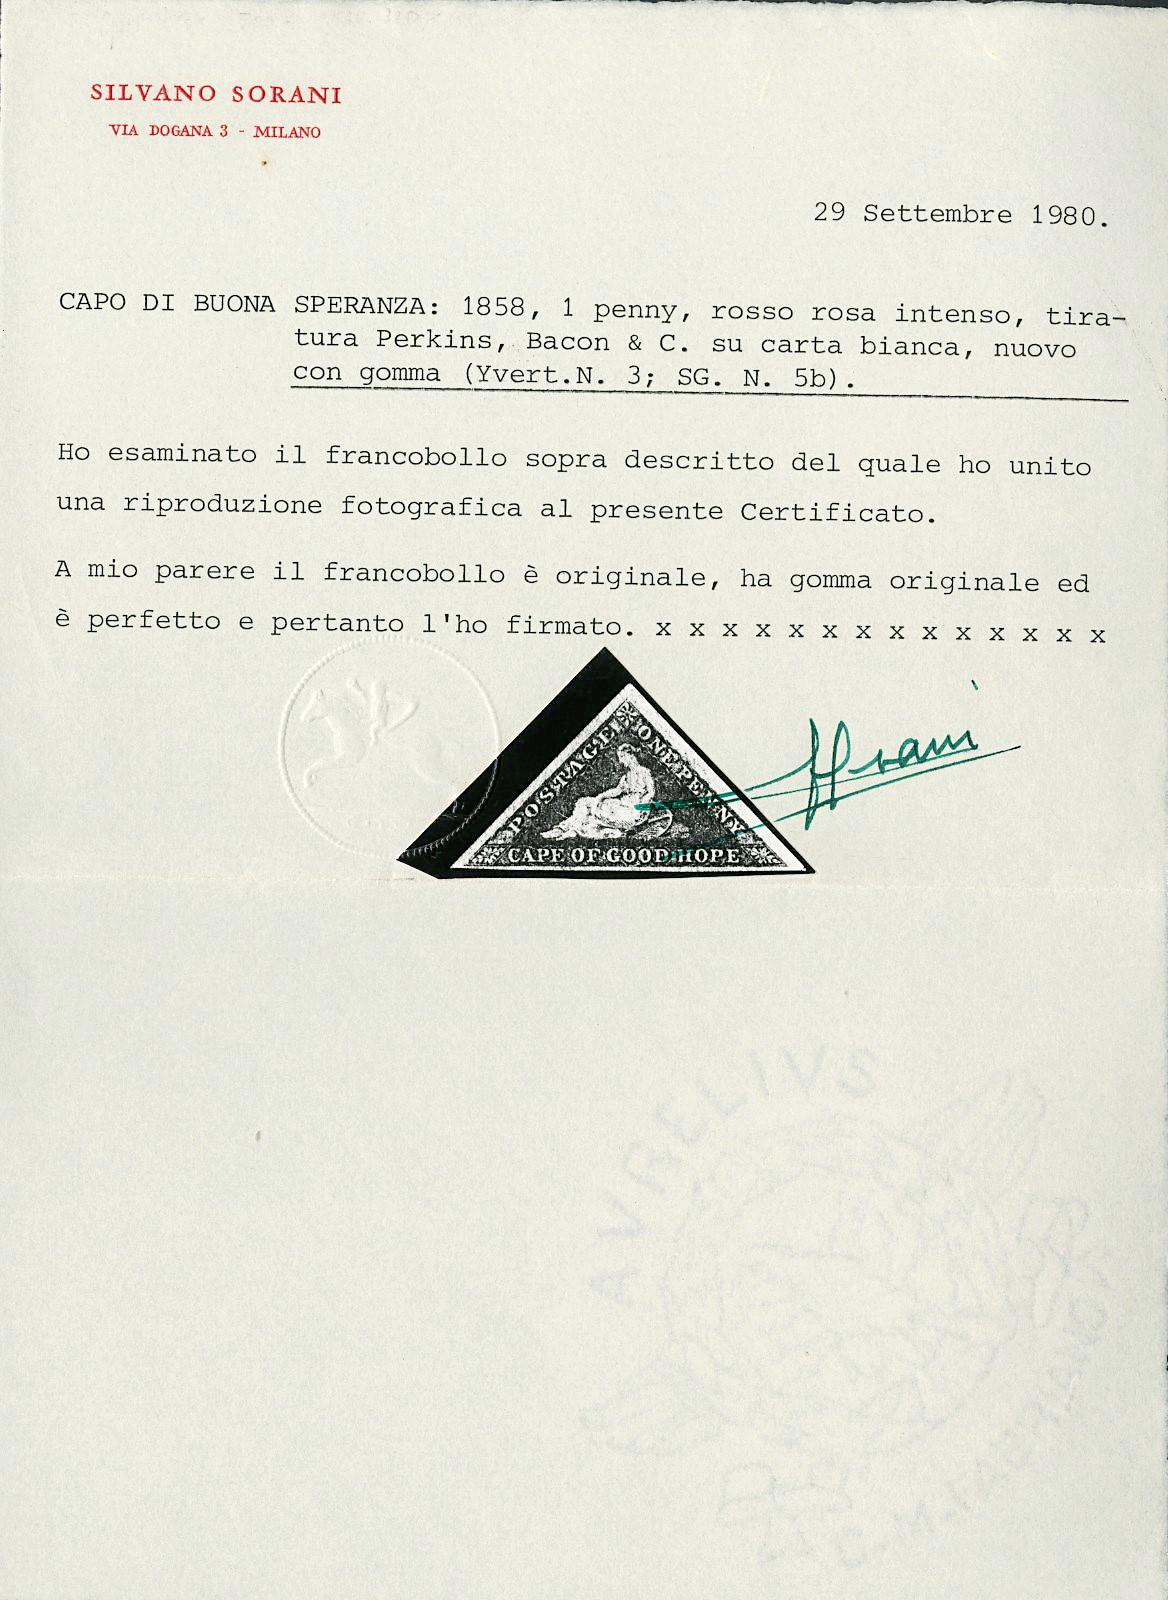 Lot 3029 - CAPO DI BUONA SPERANZA posta ordinaria -  Zanaria Aste s.r.l. 9th Philatelic Auction